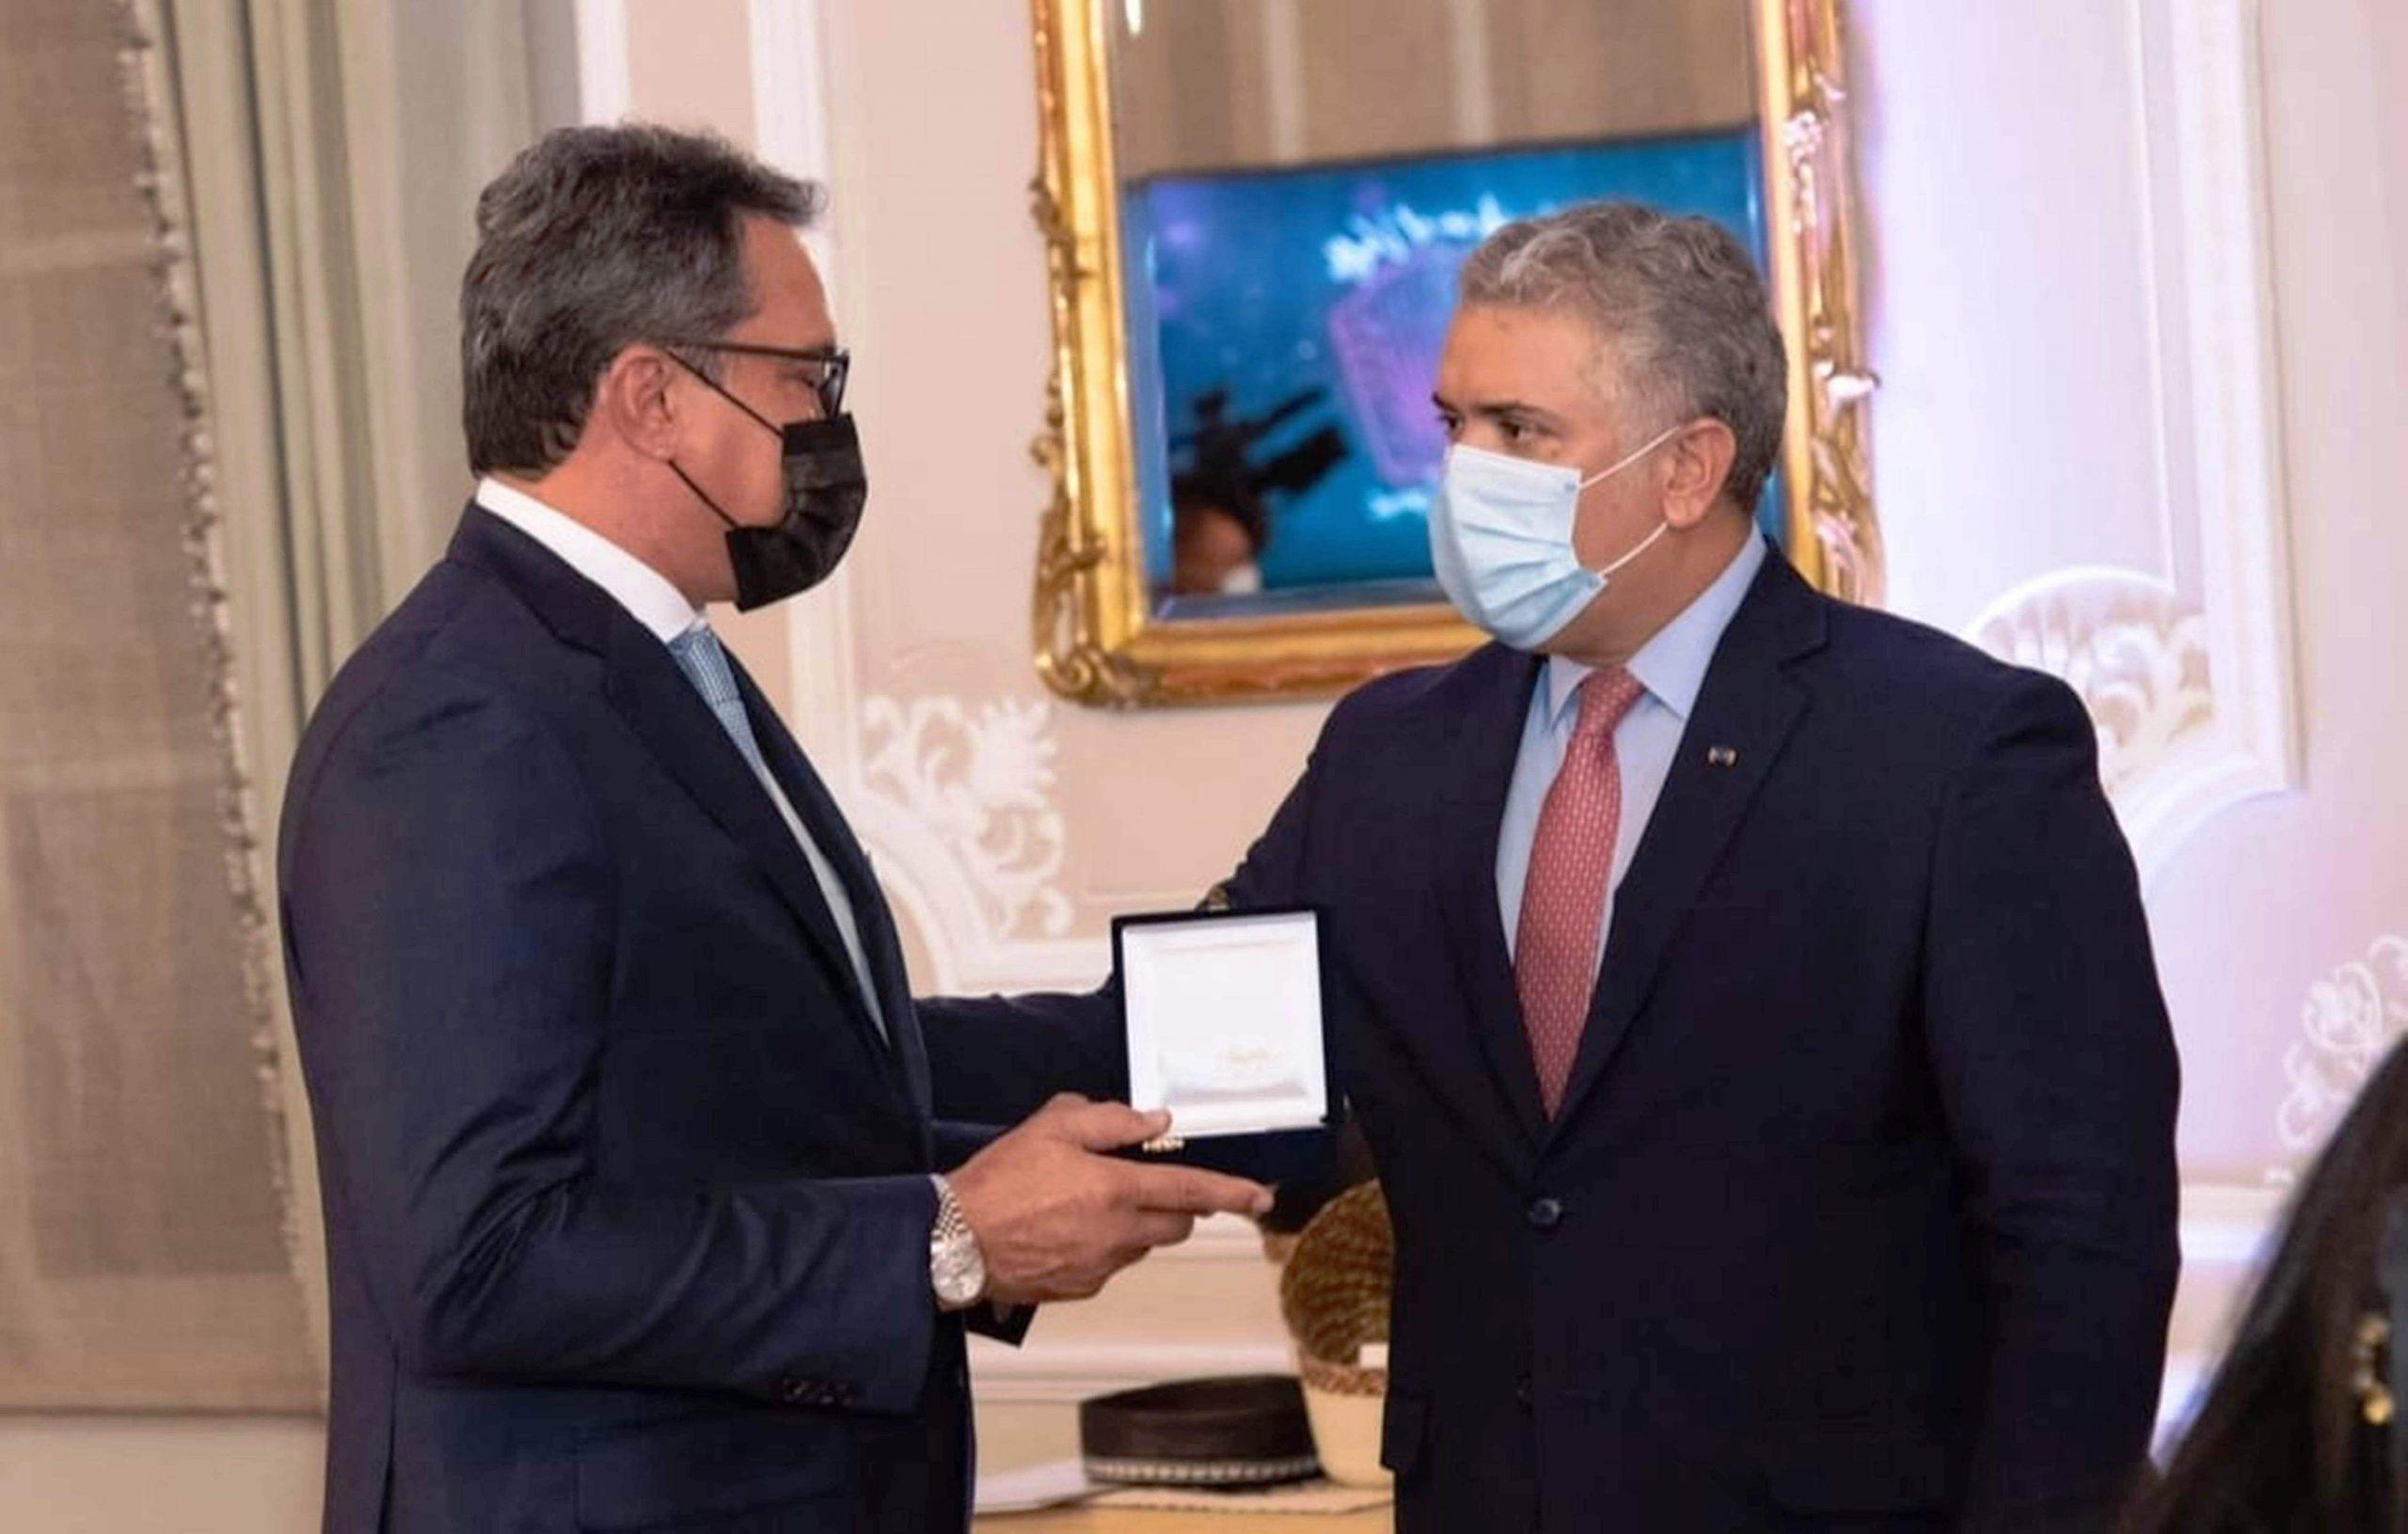 El-Presidente-de-la-República-Iván-Duque-Márquez-y-el-Ministerio-de-Cultura-otorgaron-a-la-Fundación-Festival-de-la-Leyenda-Vallenata-la-Orden-de-Boyacá-scaled